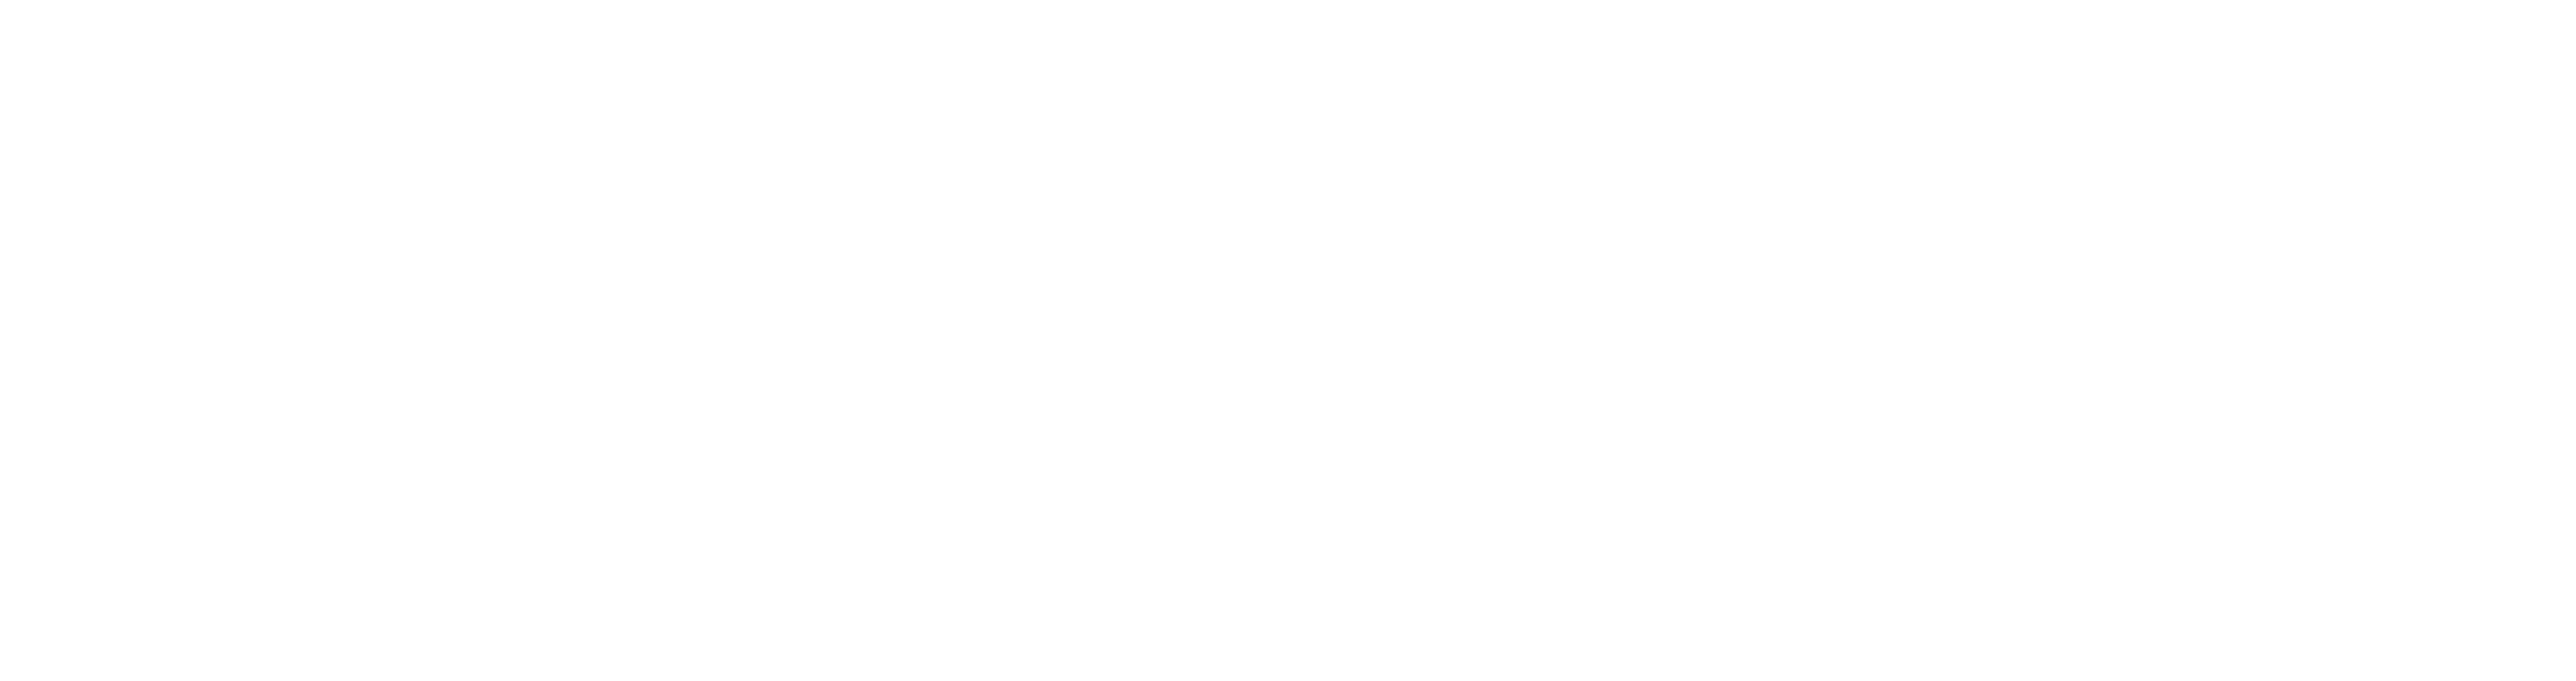 Admon by Bionix.